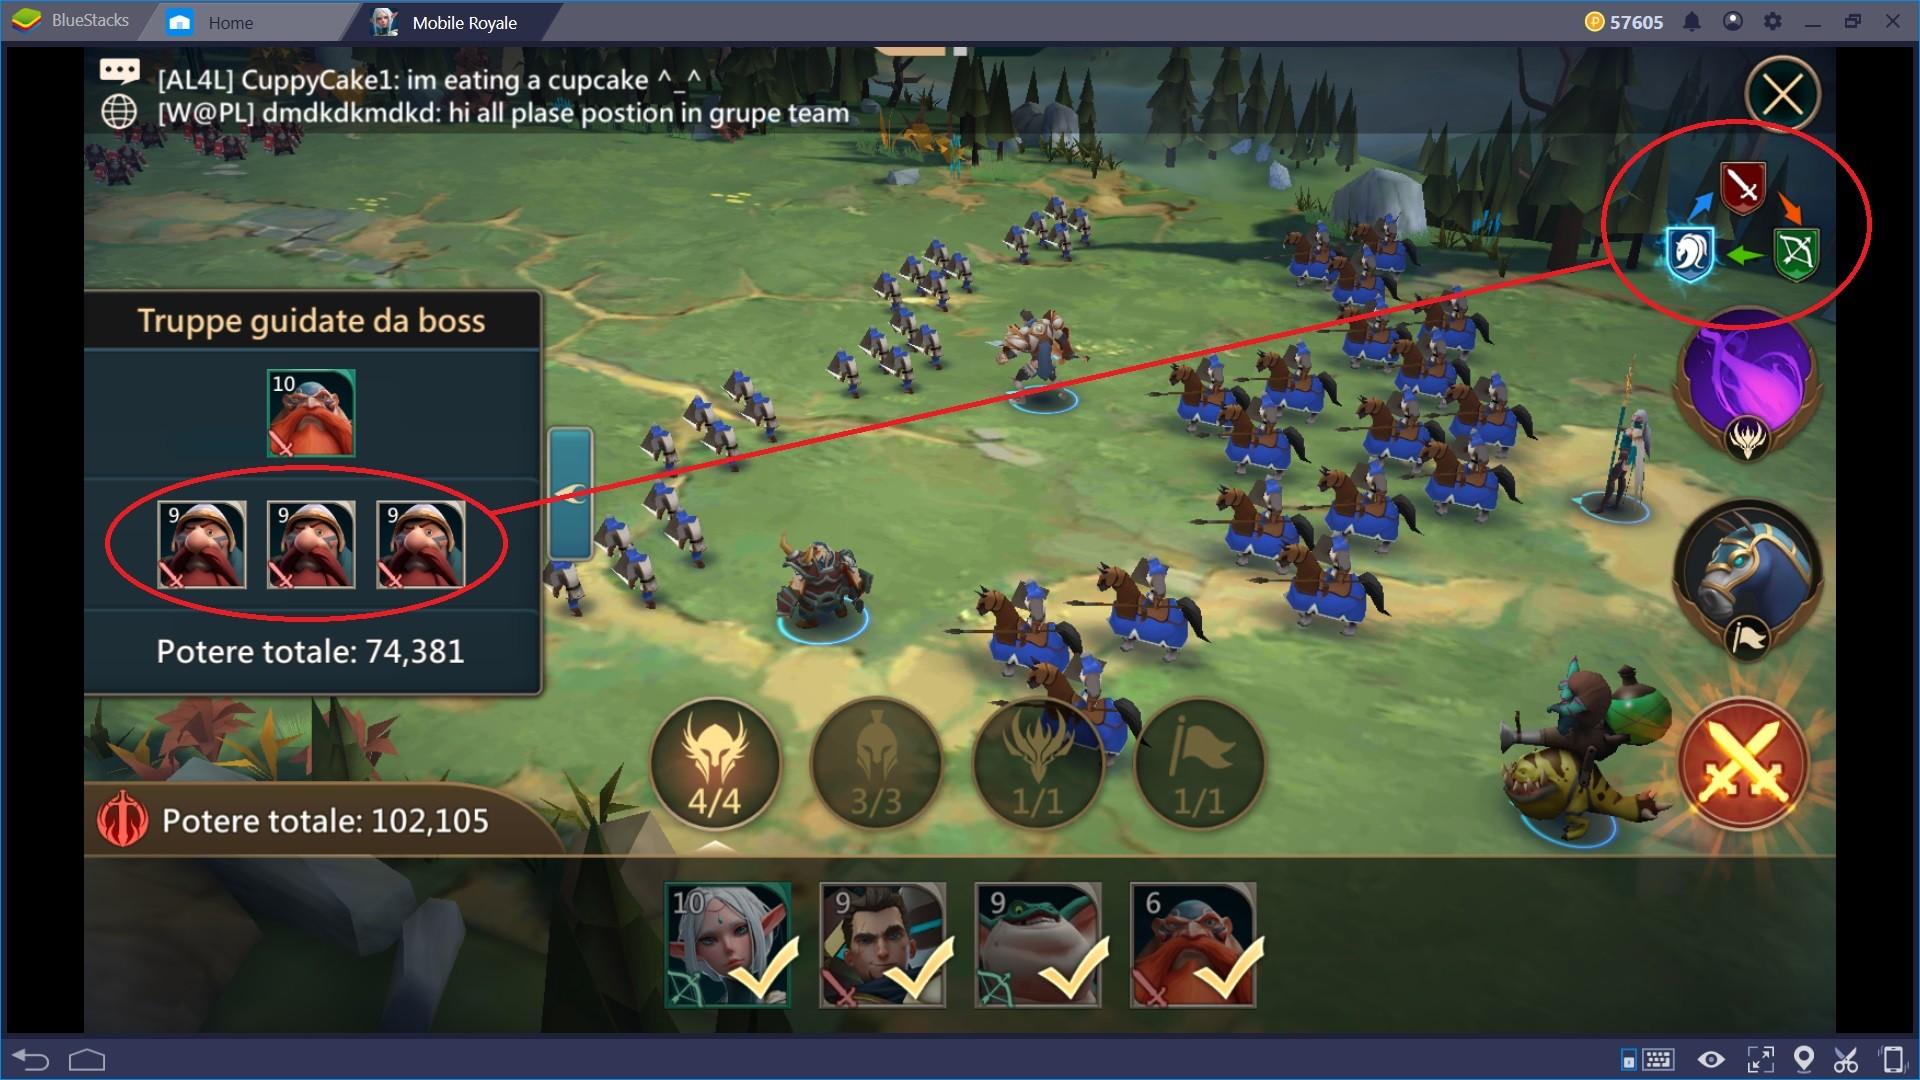 Attaccare e Difendere in Mobile Royale: La Guida al Combattimento